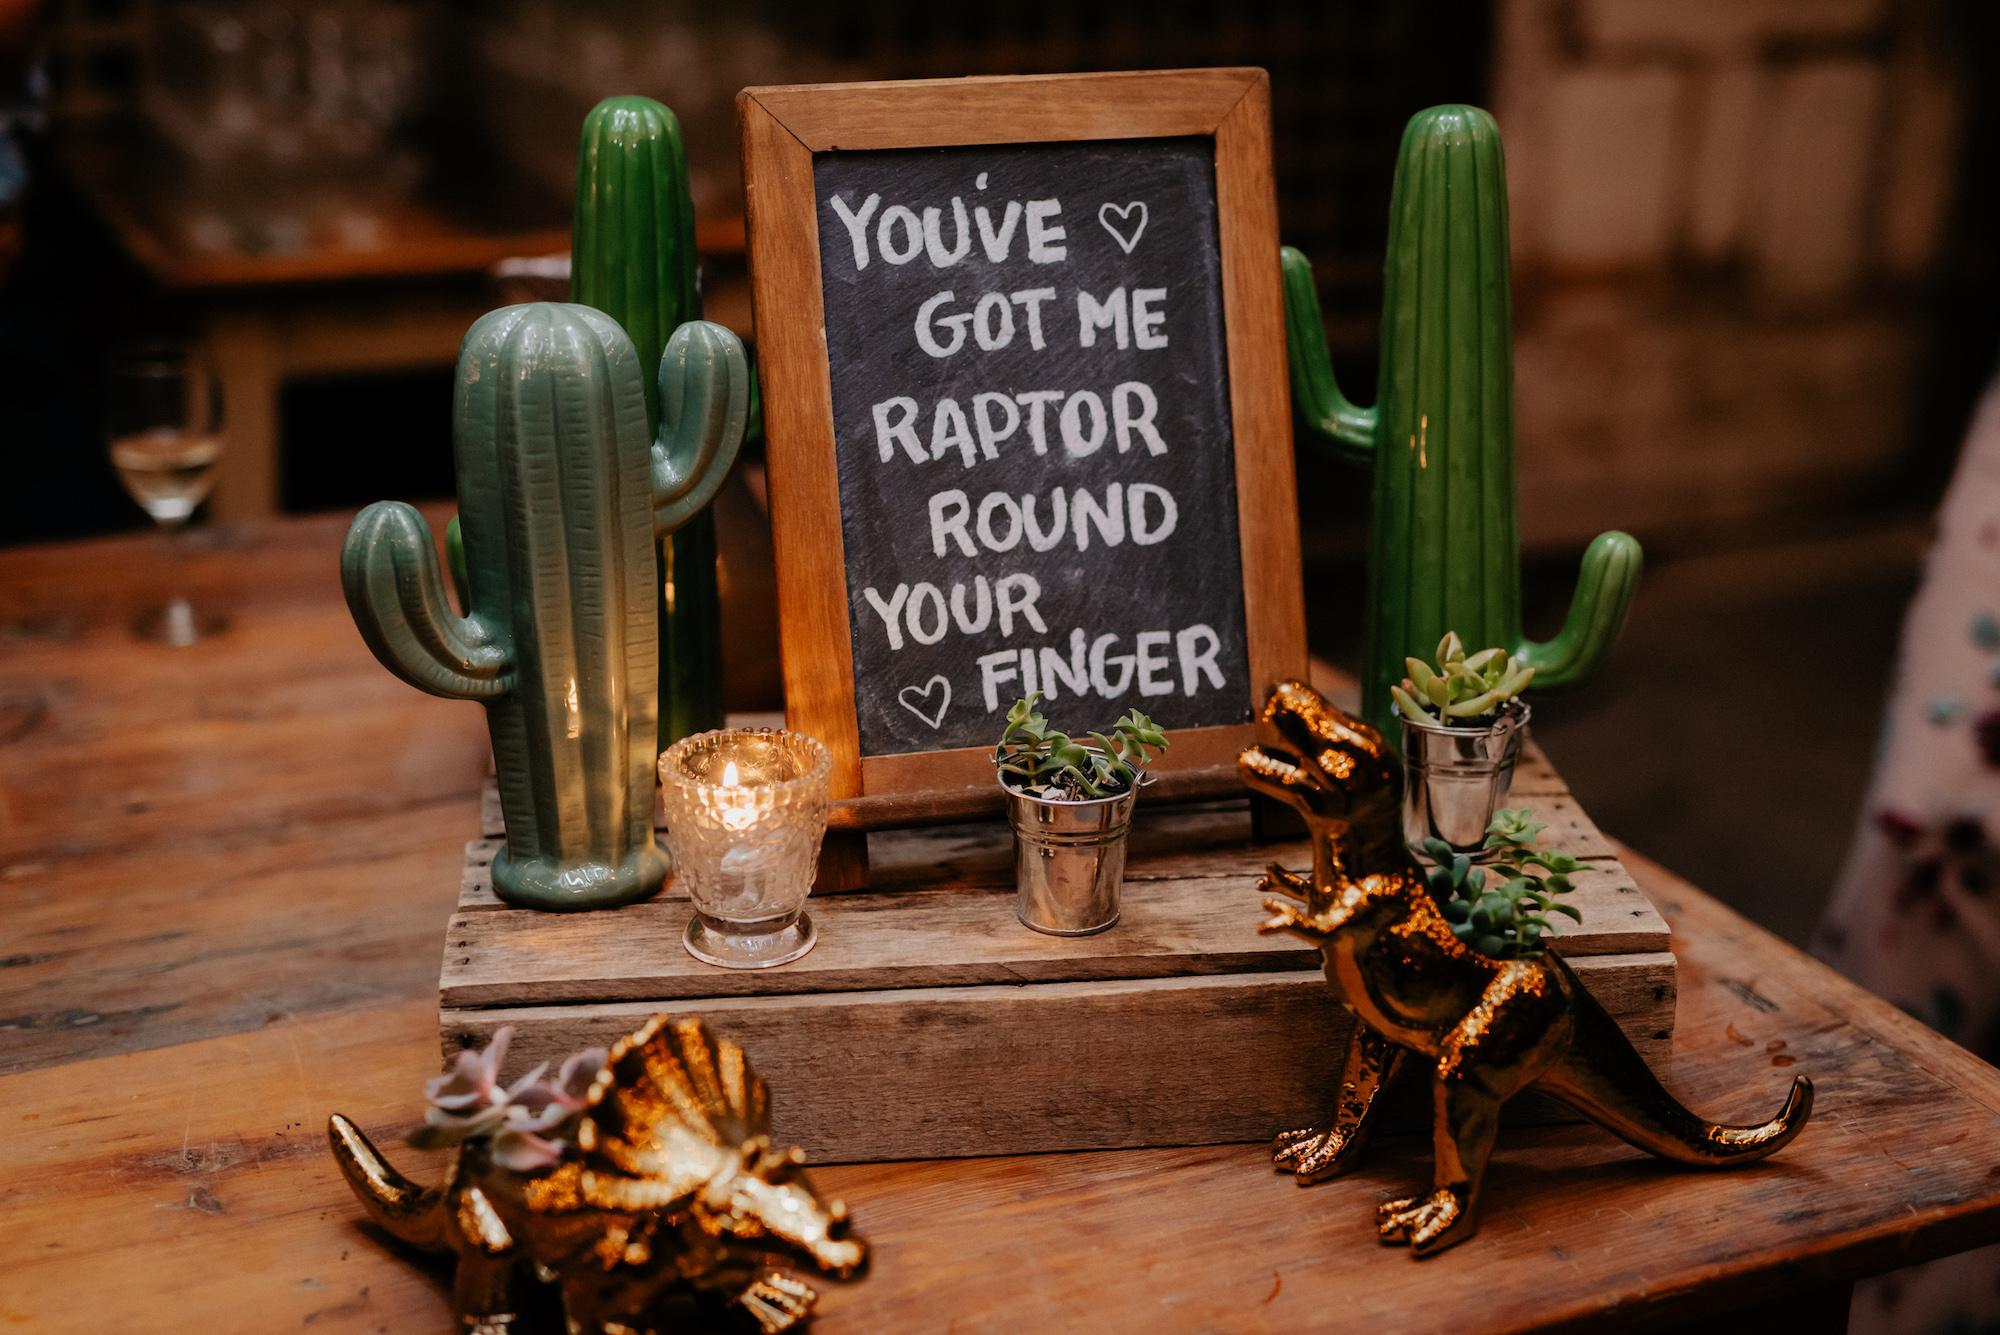 You've got me Raptor!